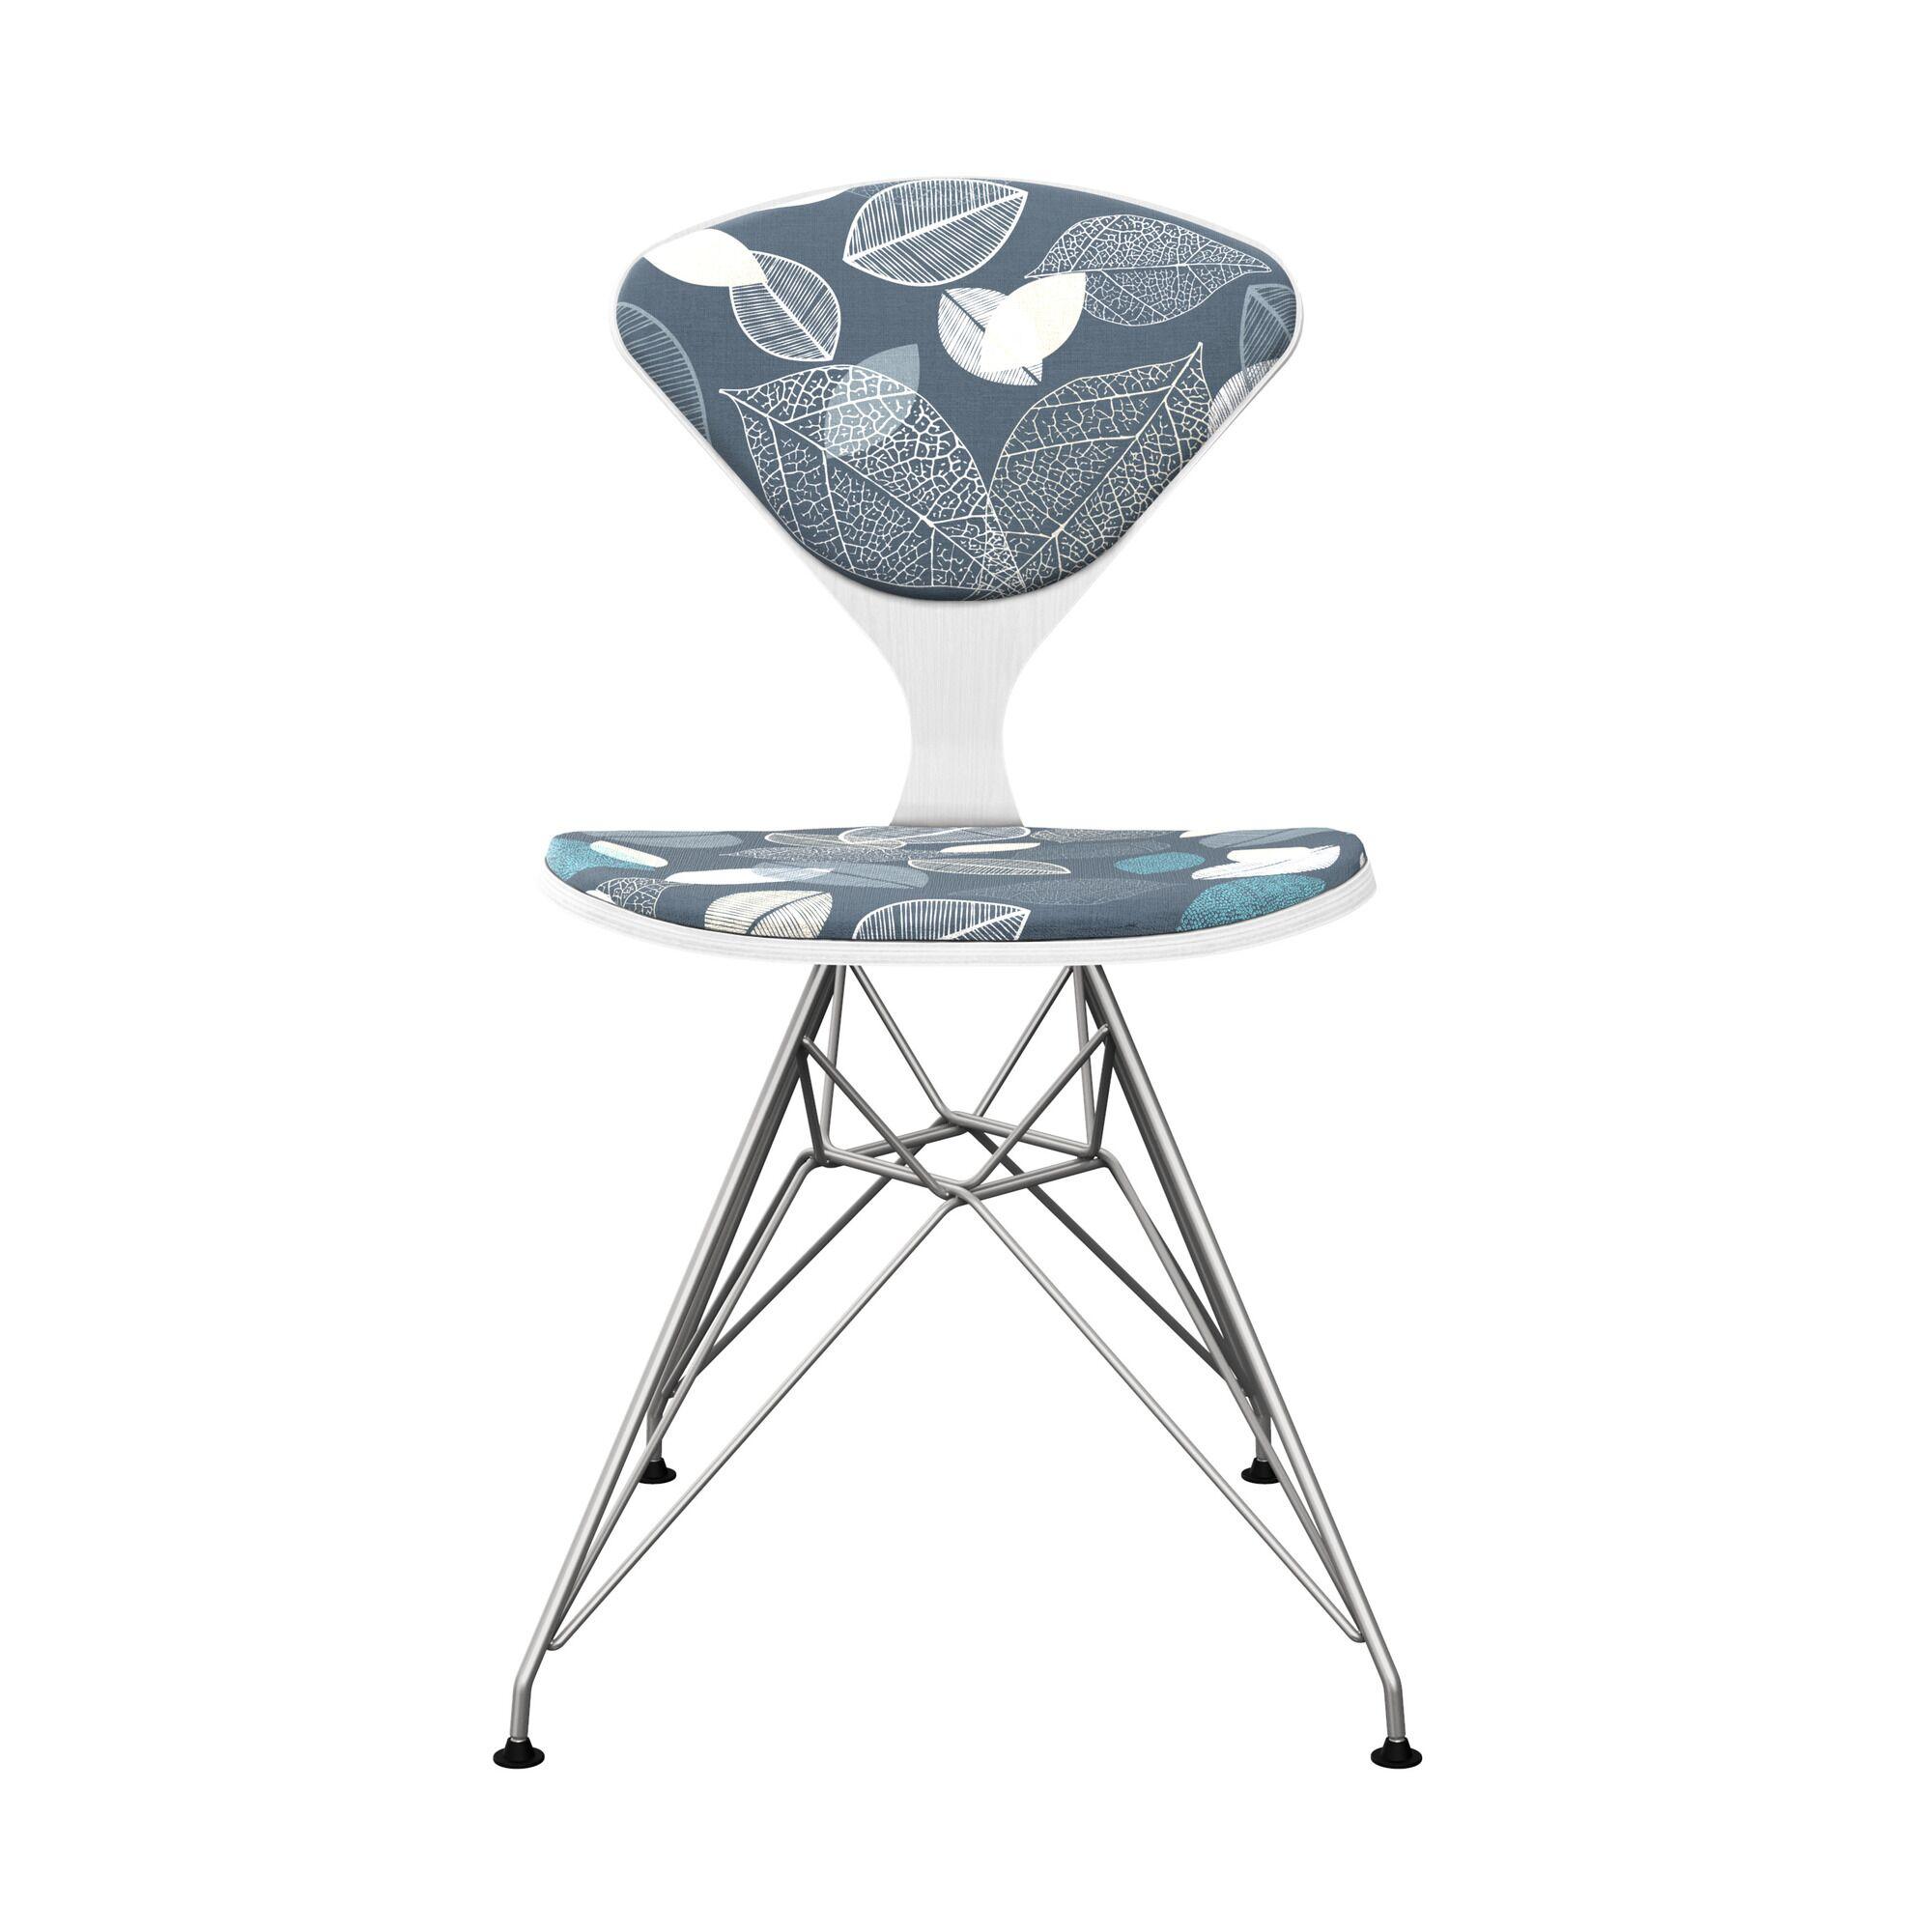 Vesper Upholstered Dining Chair Leg Color: Chrome, Frame Color: White